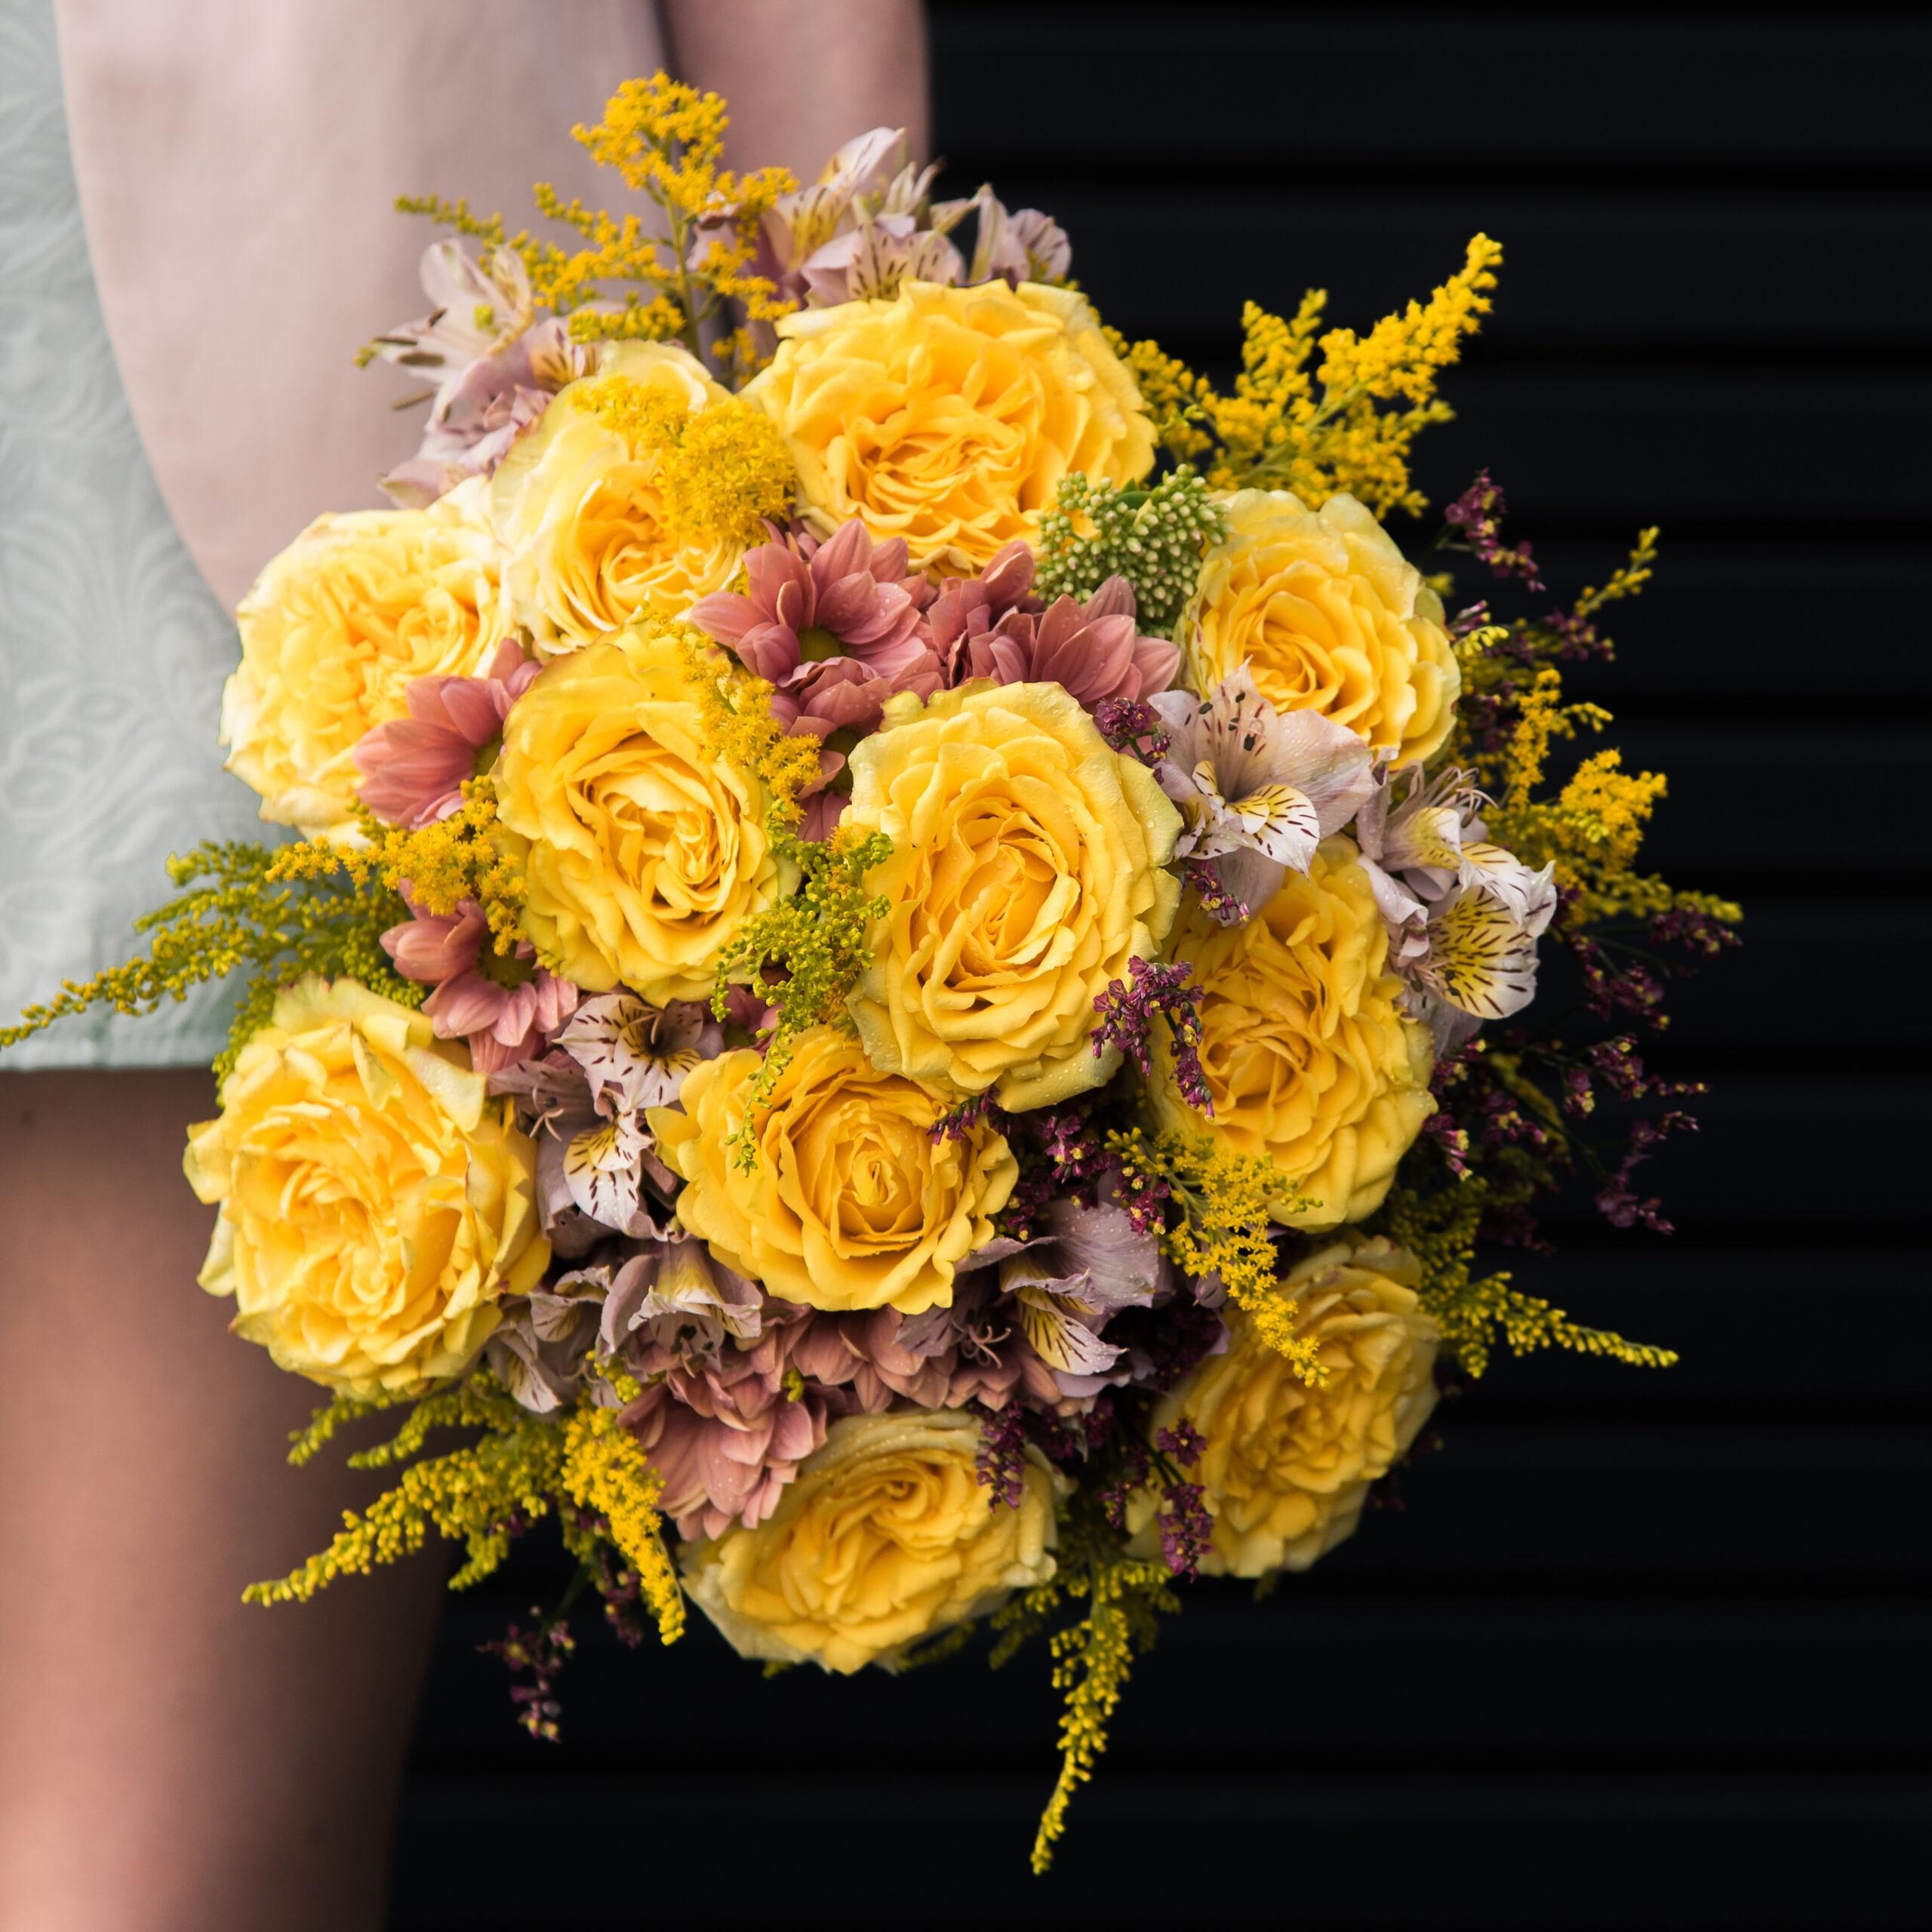 gėlės vilniuje, geles vilniuje, puokste, gimtadienio geles, geles i namus vilniuje